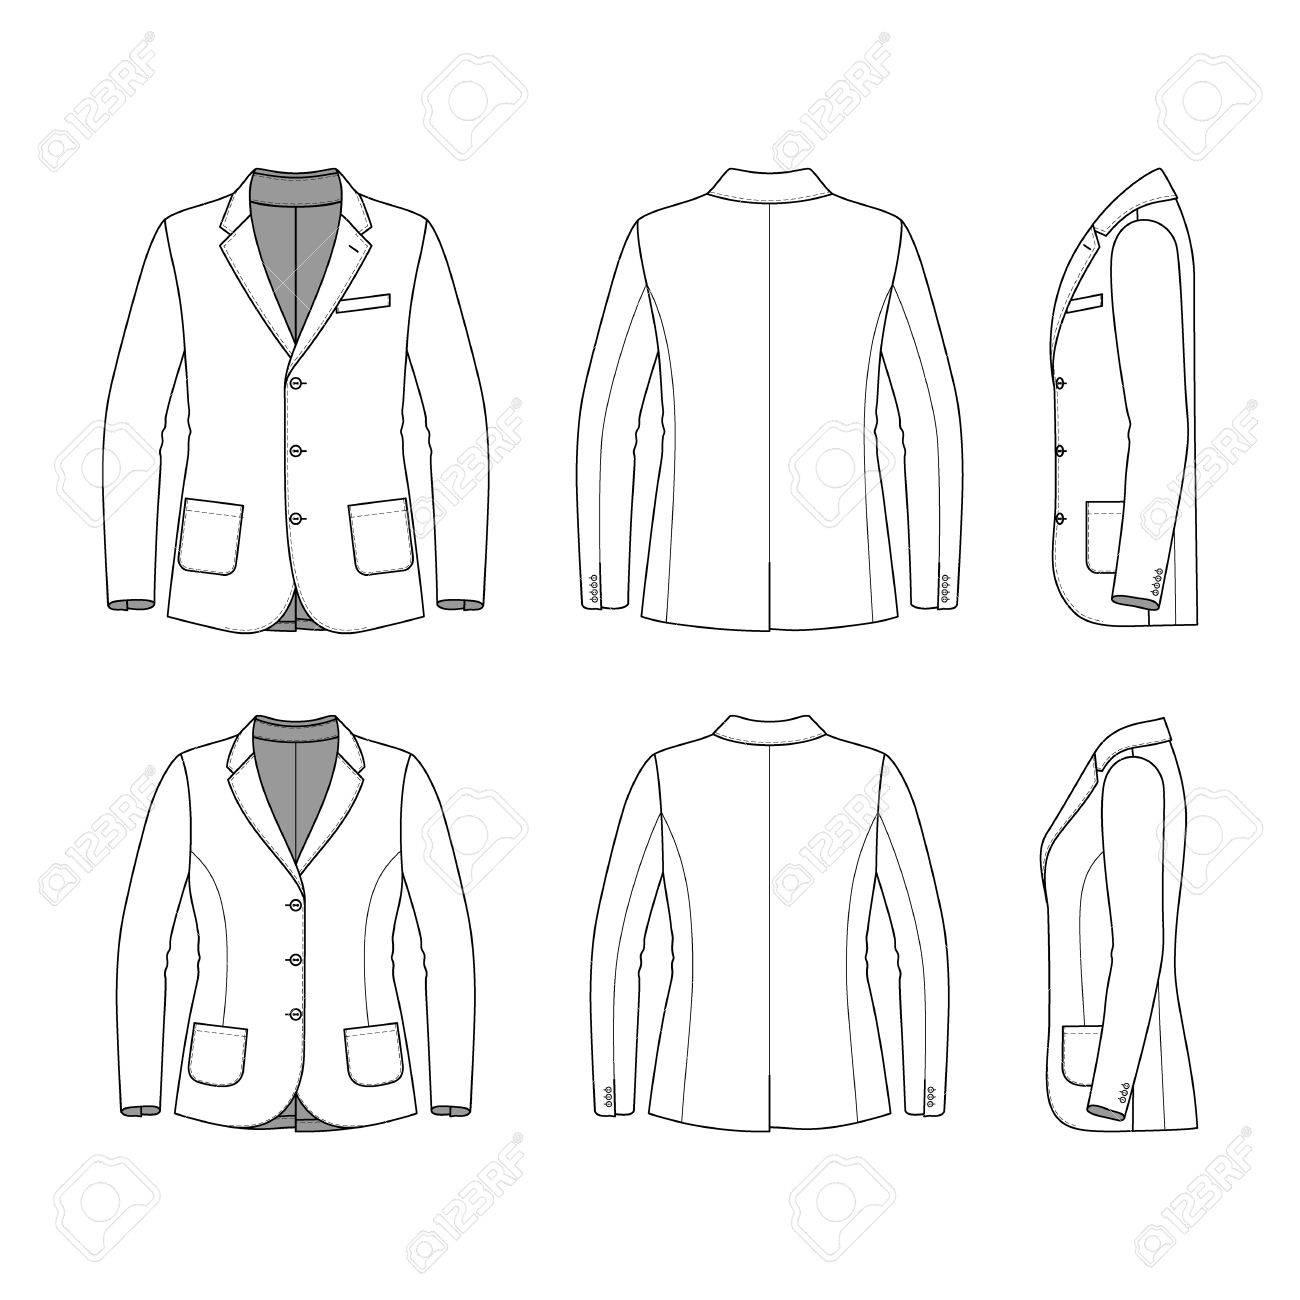 Blank Mens Und Womens Kleidung In Weißen Farben Gesetzt. Leere ...